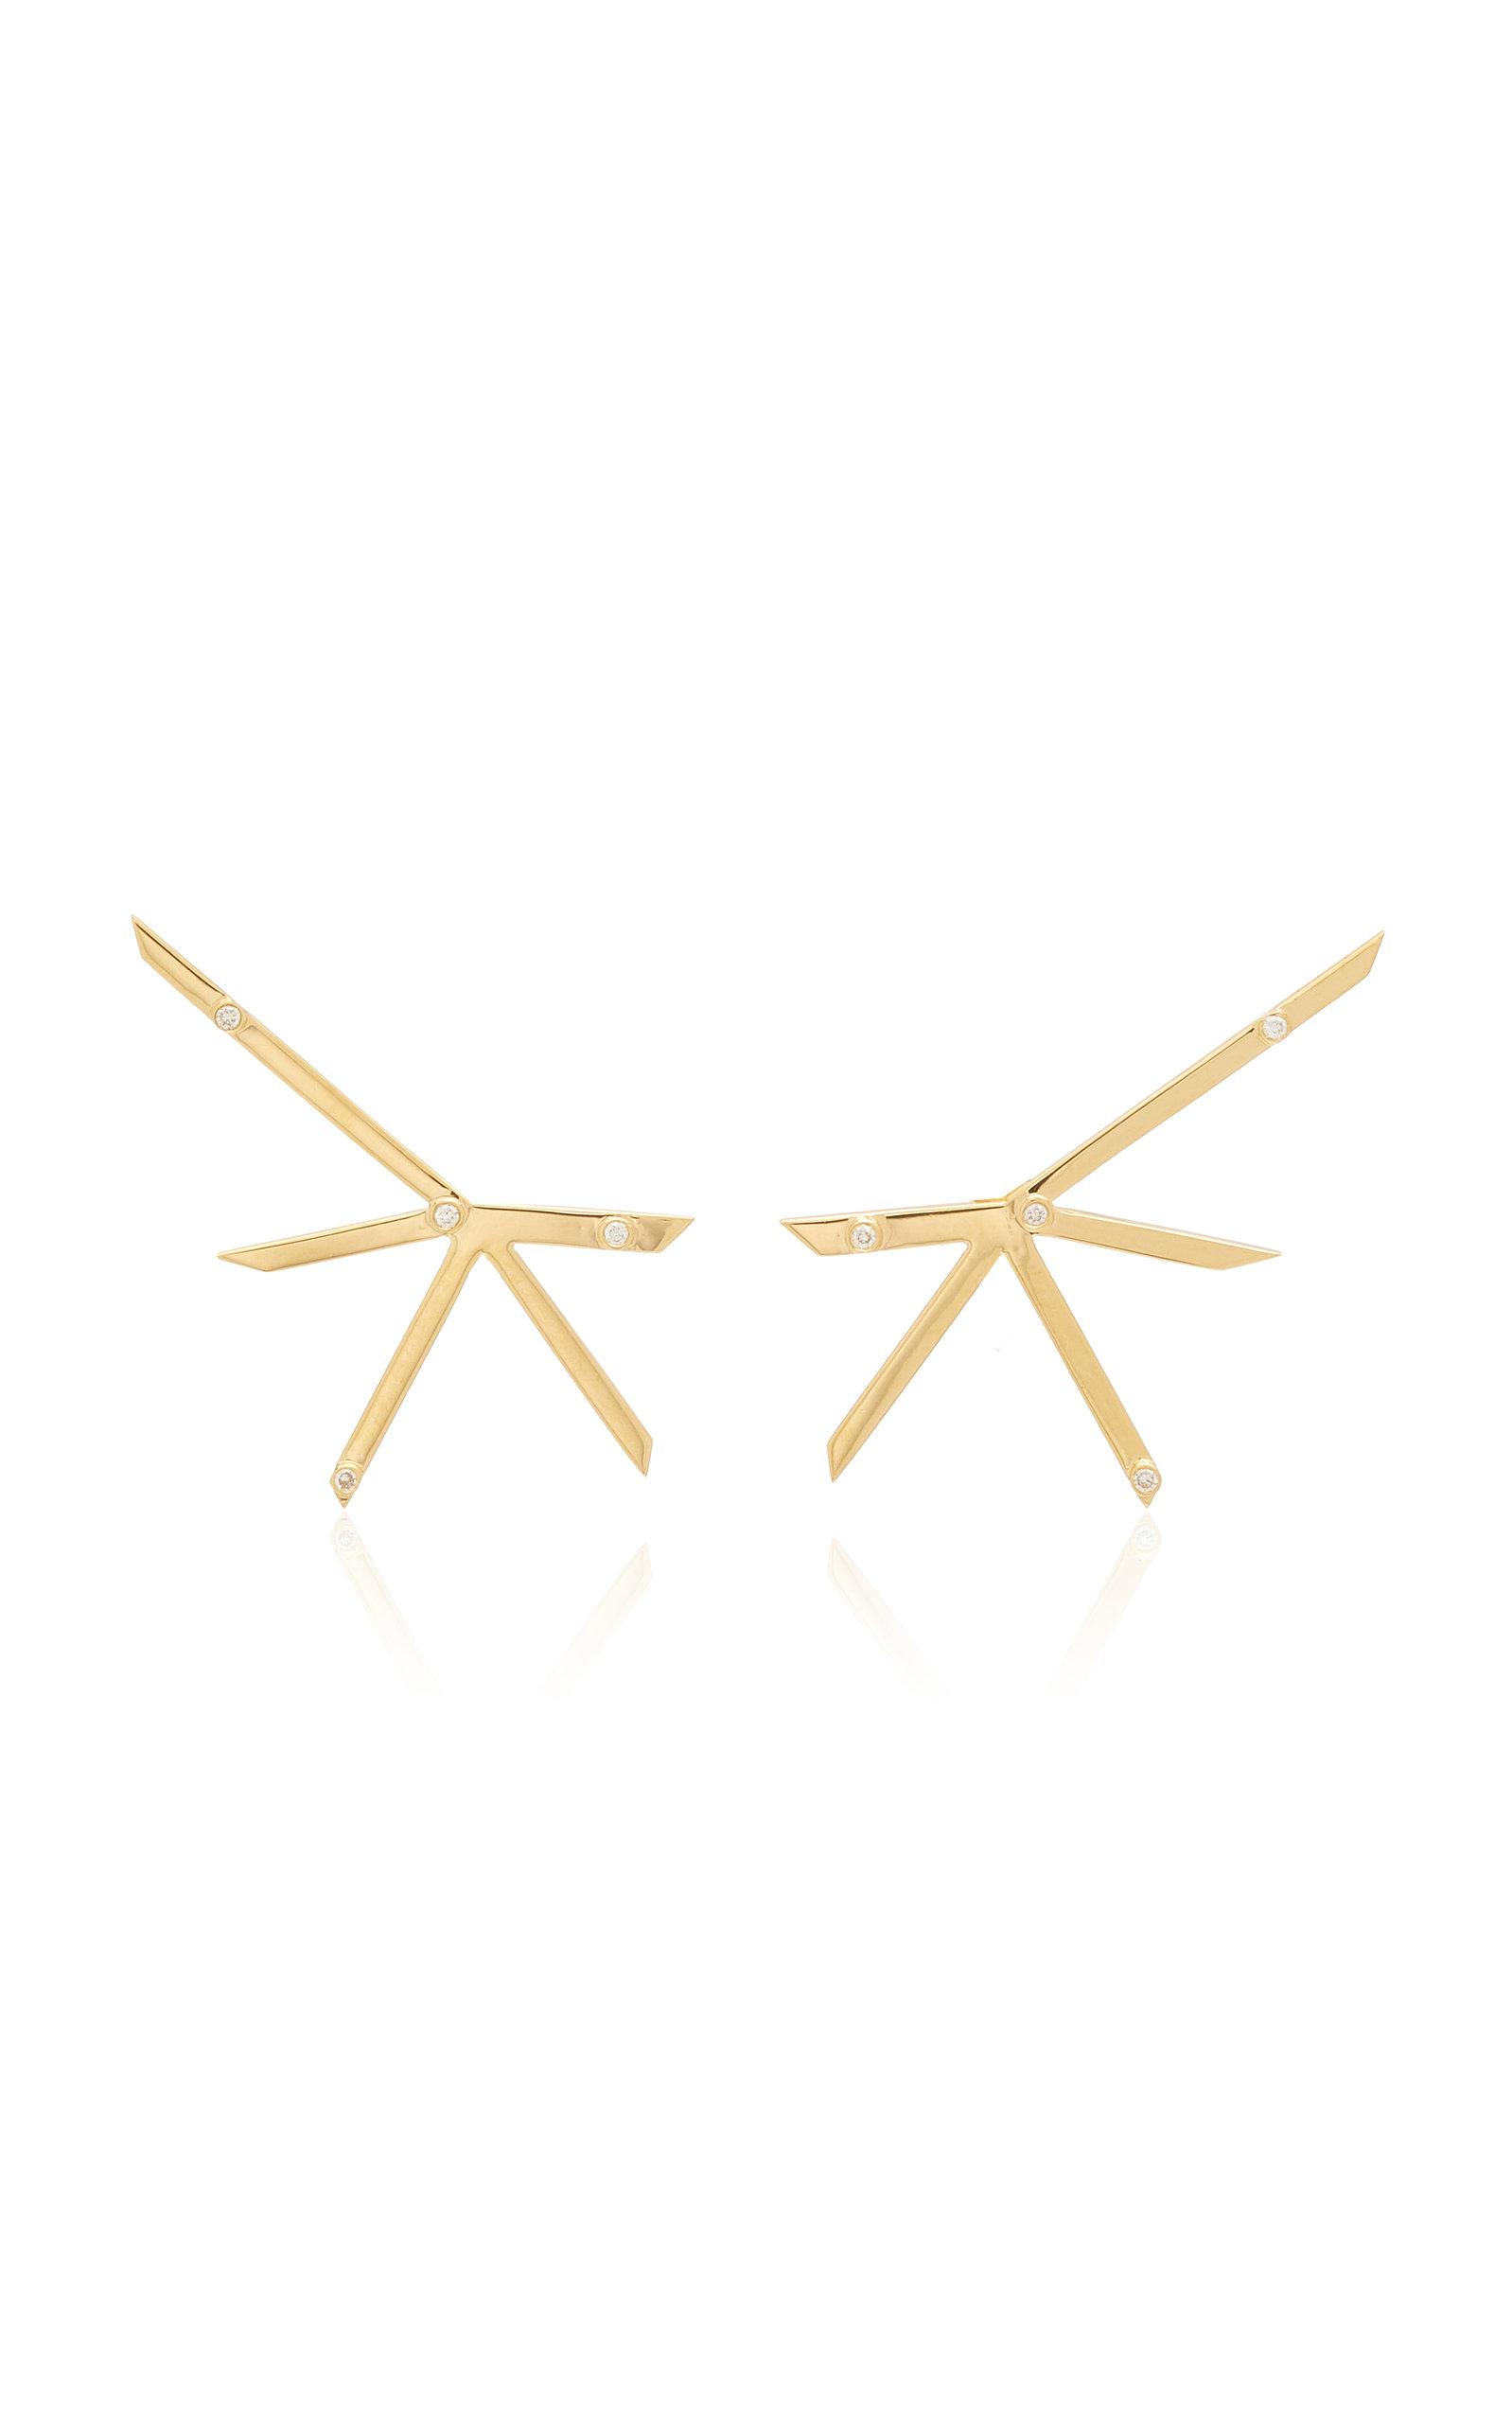 Women's Explosion 18K Yellow Gold Diamond Earrings